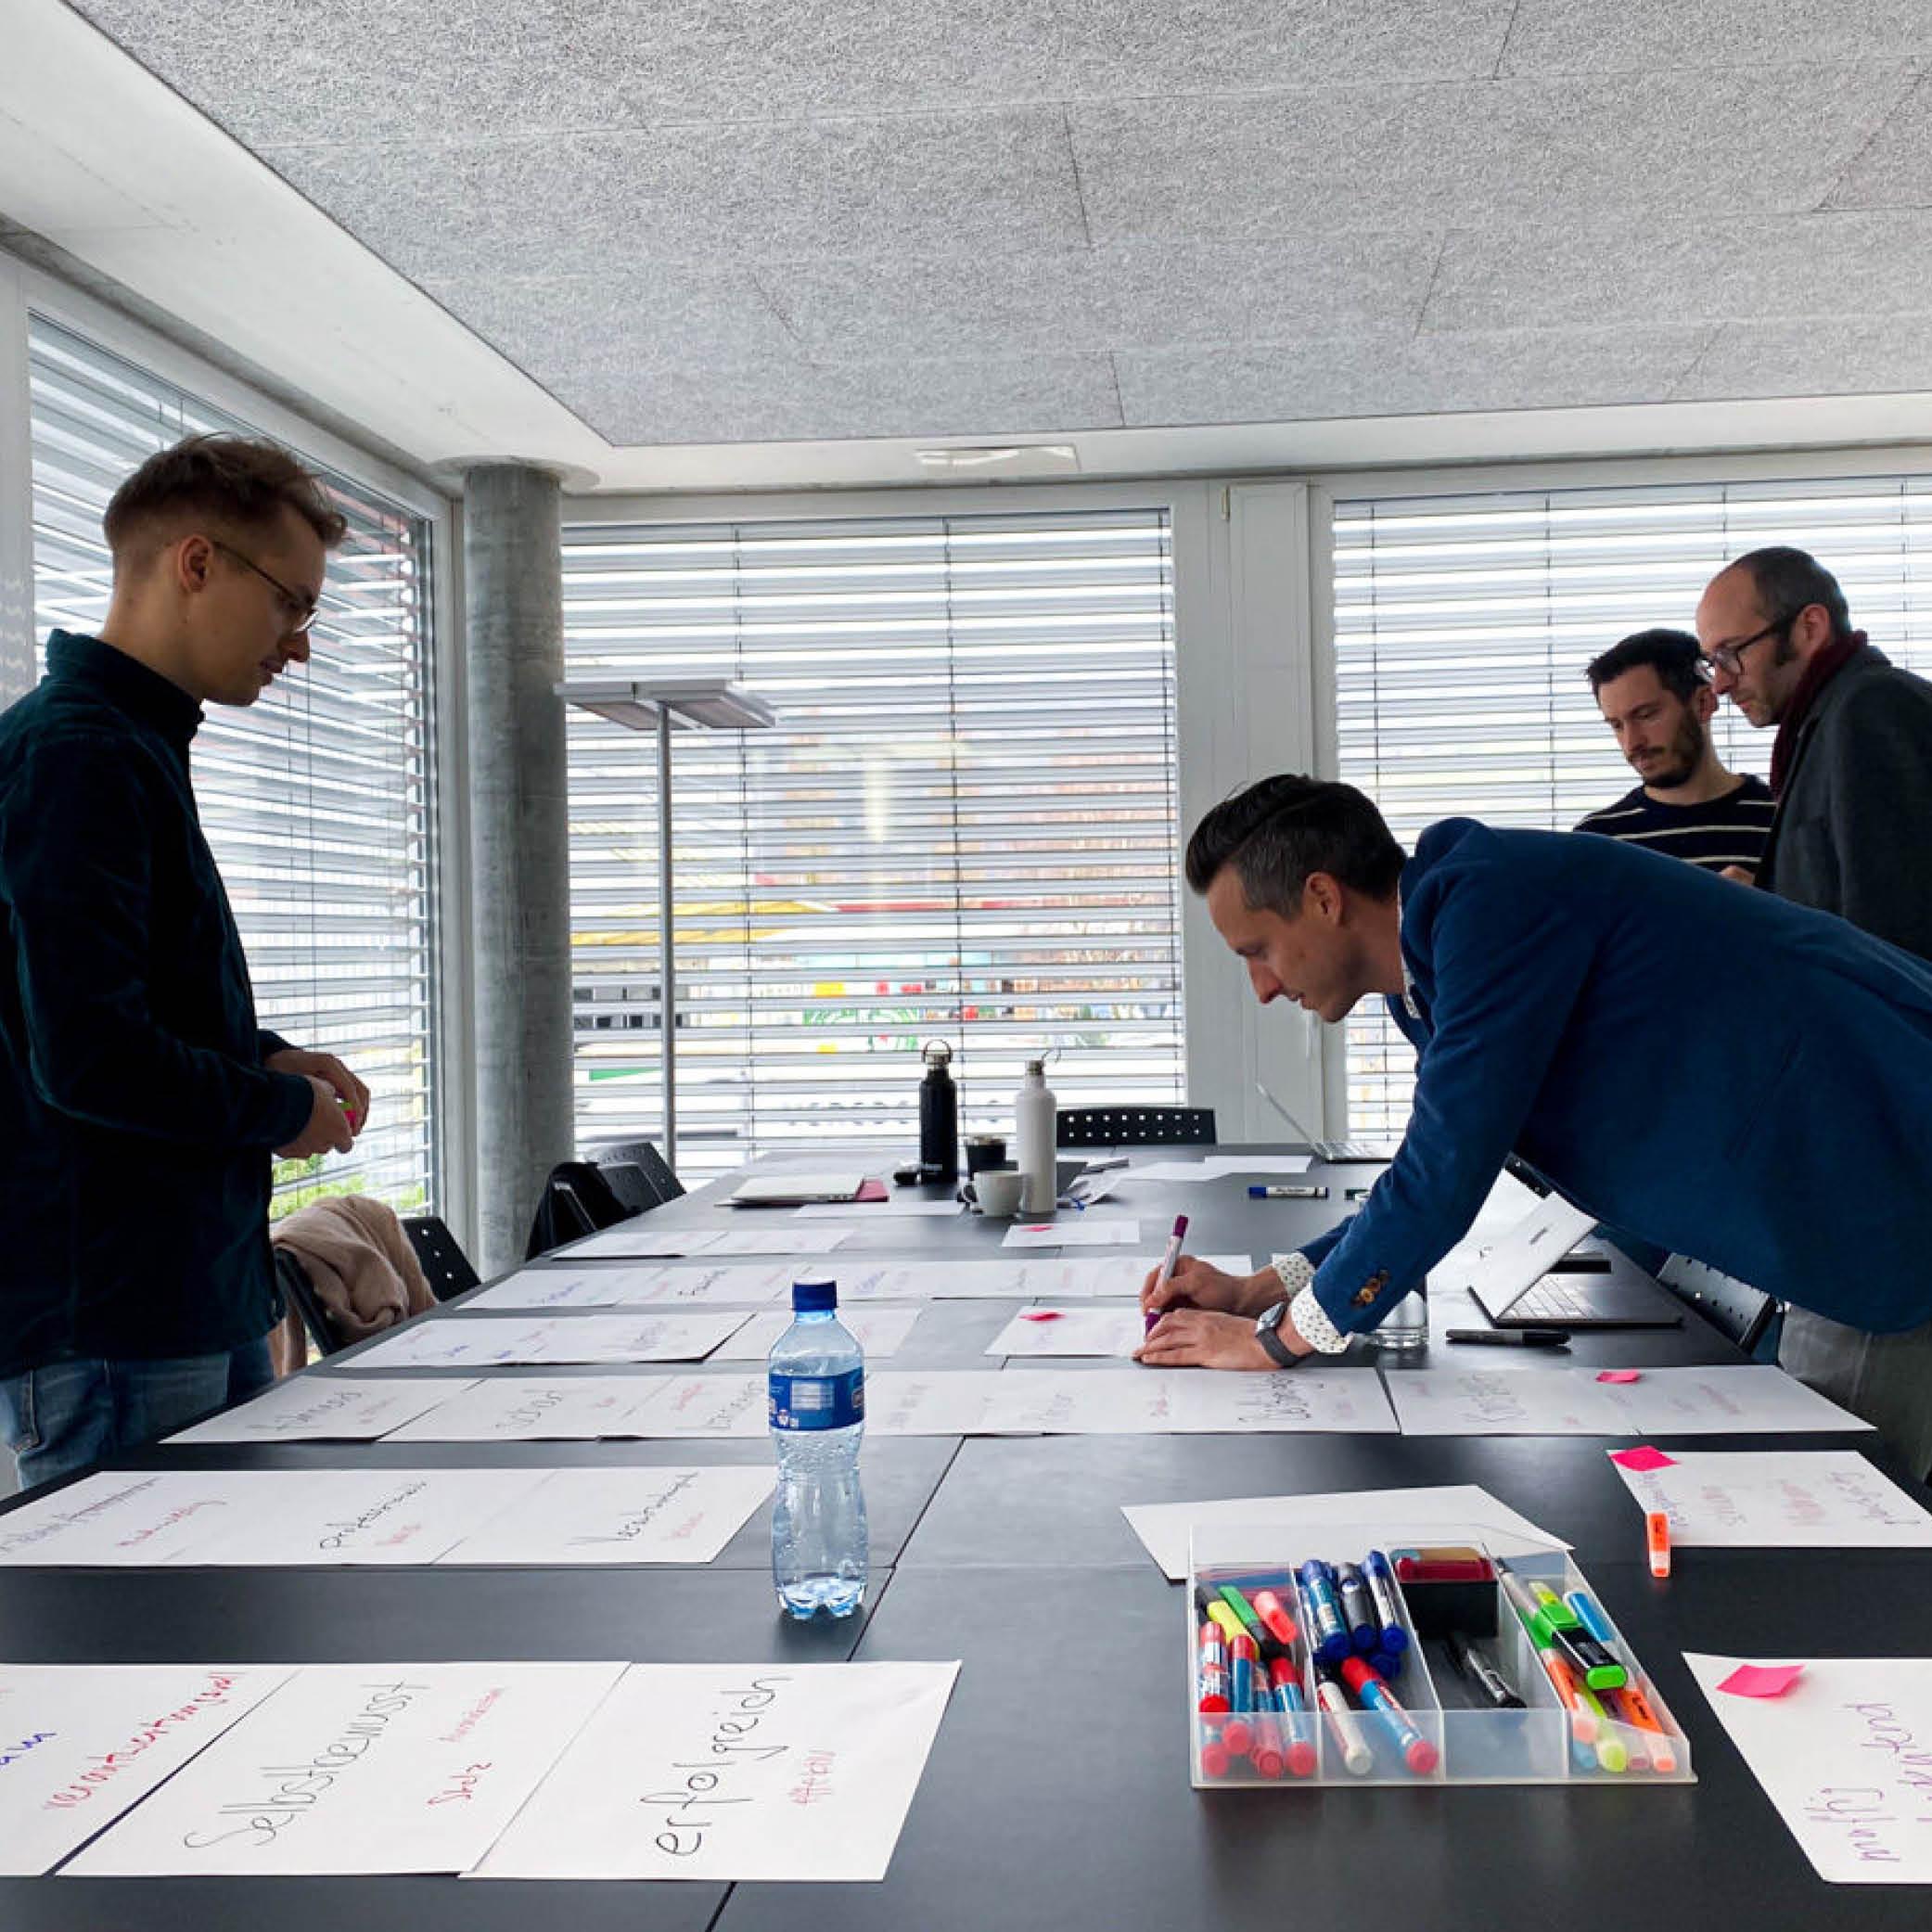 Vier Personen machen auf dem Tisch eine Auslage mit Papieren eines Workshops